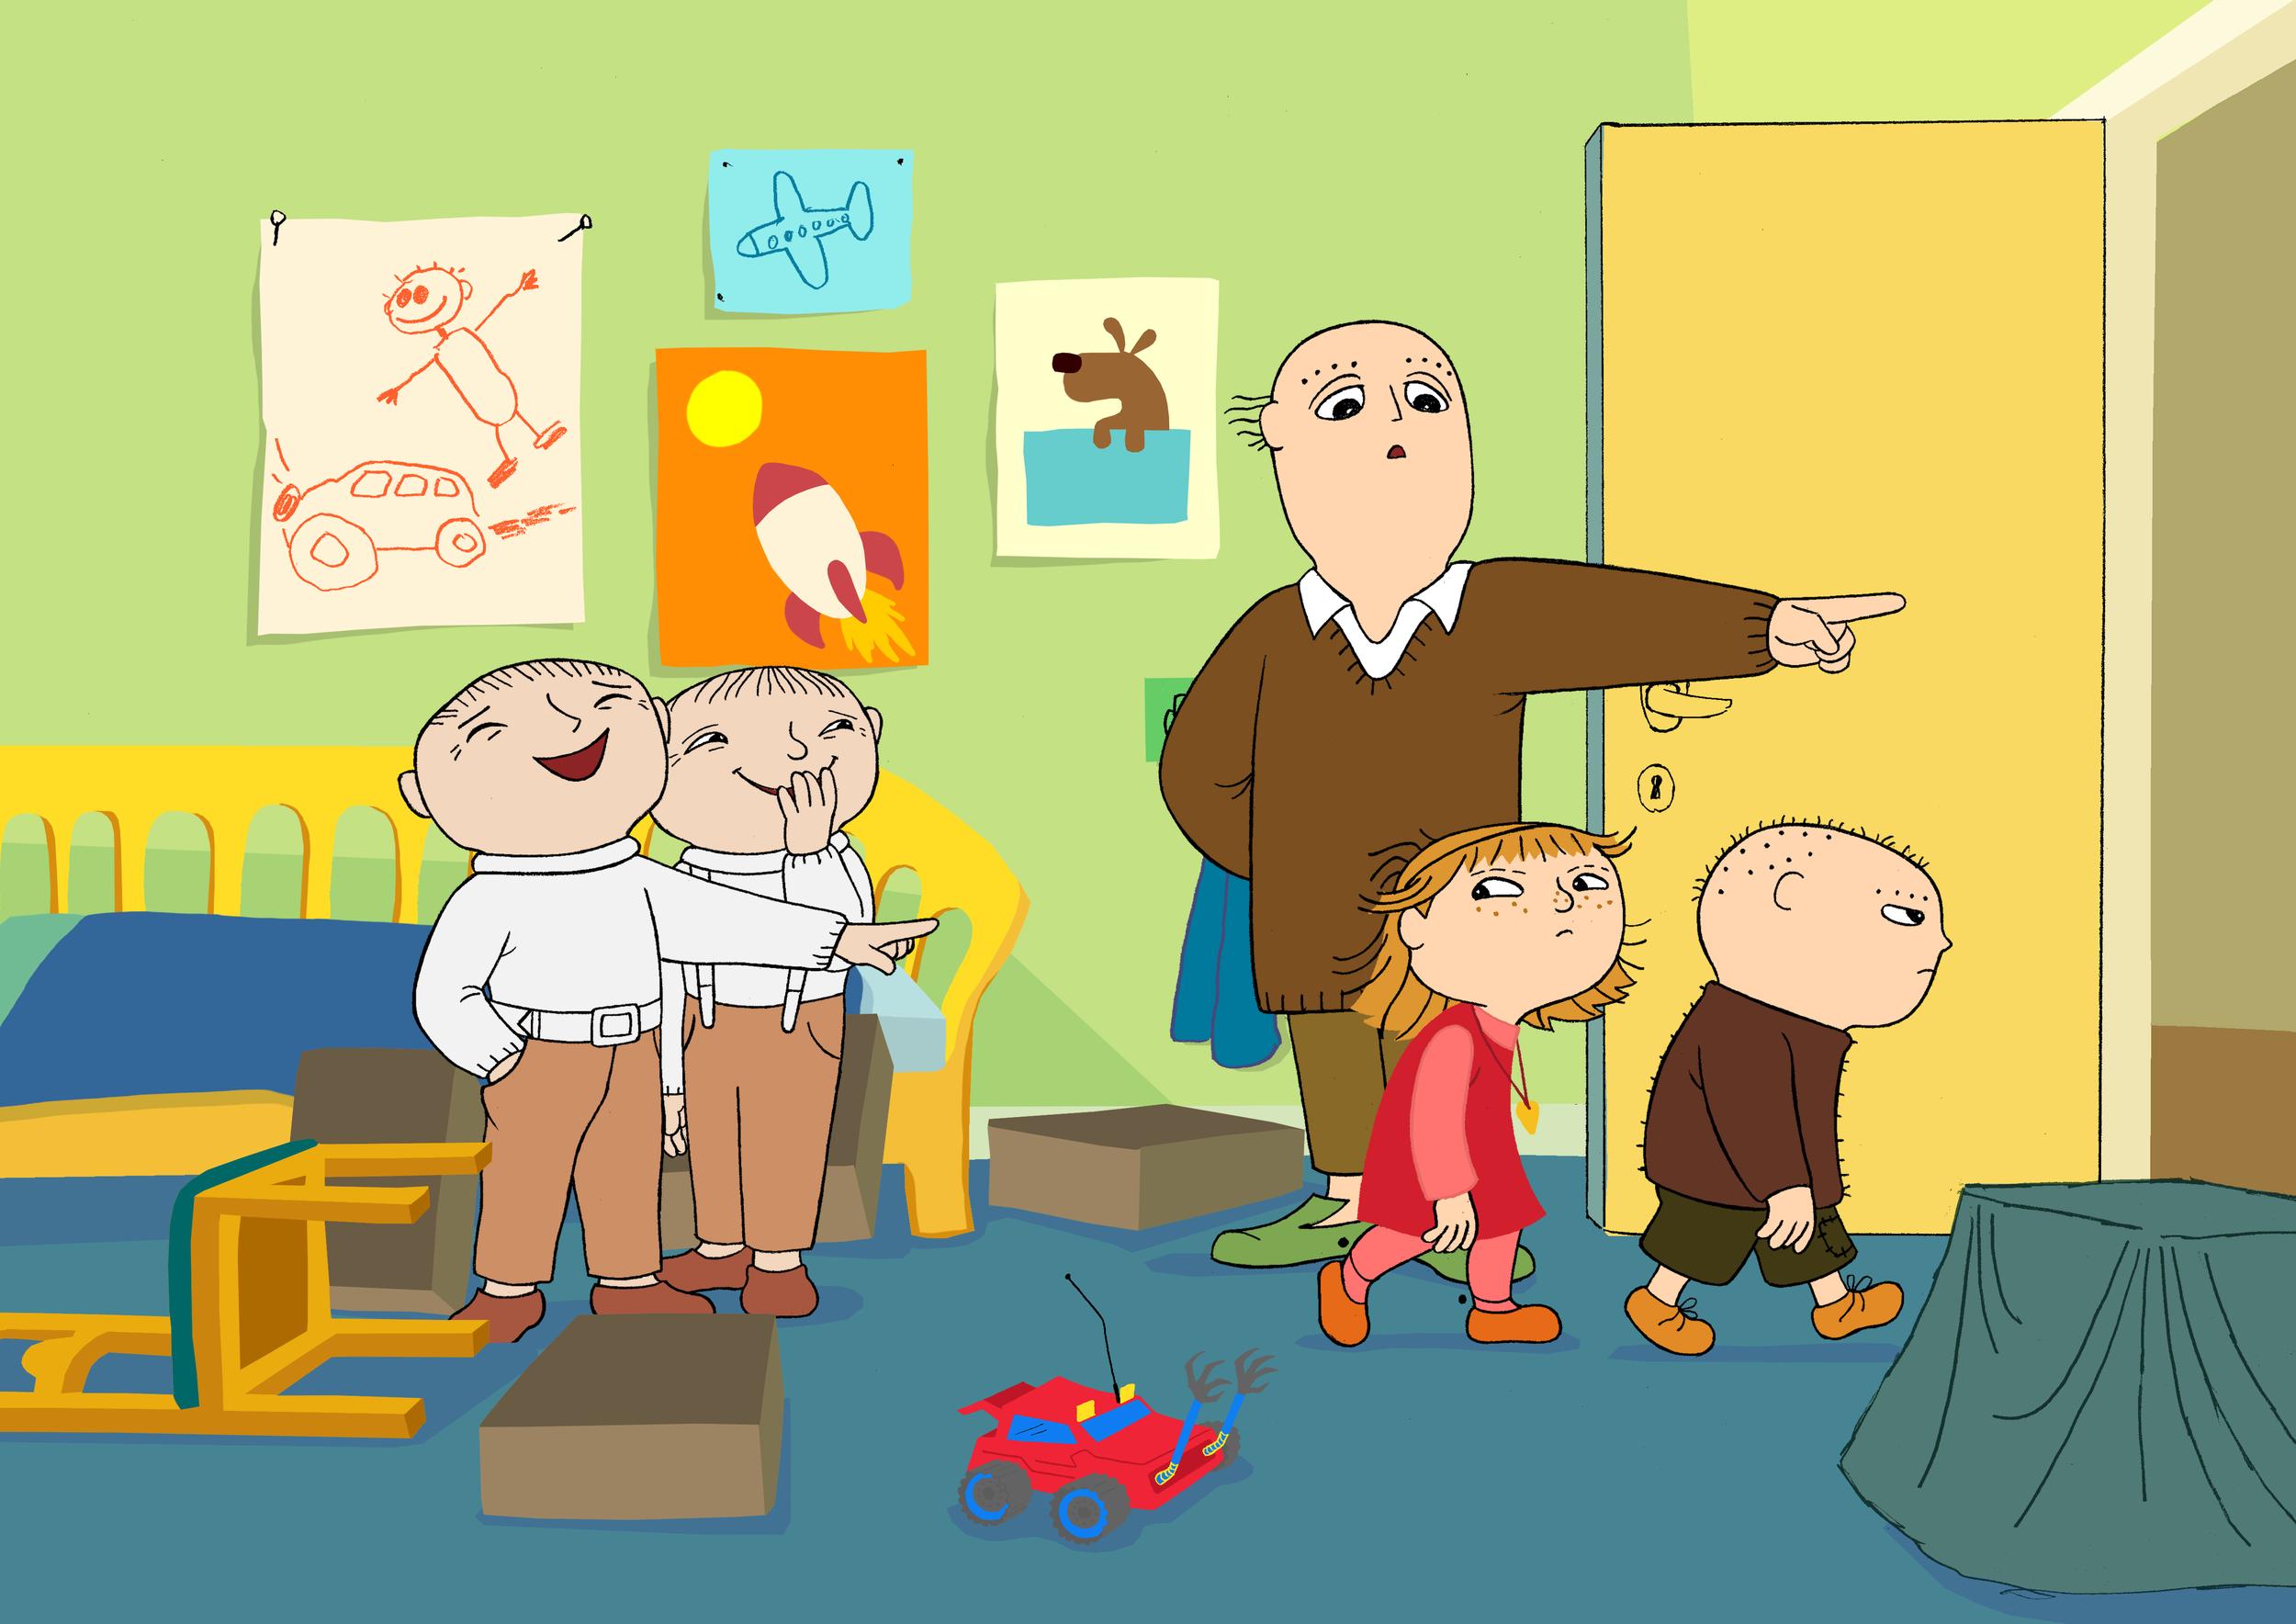 Ep.7 Bruk skallen! sa pappa Åberg.jpg